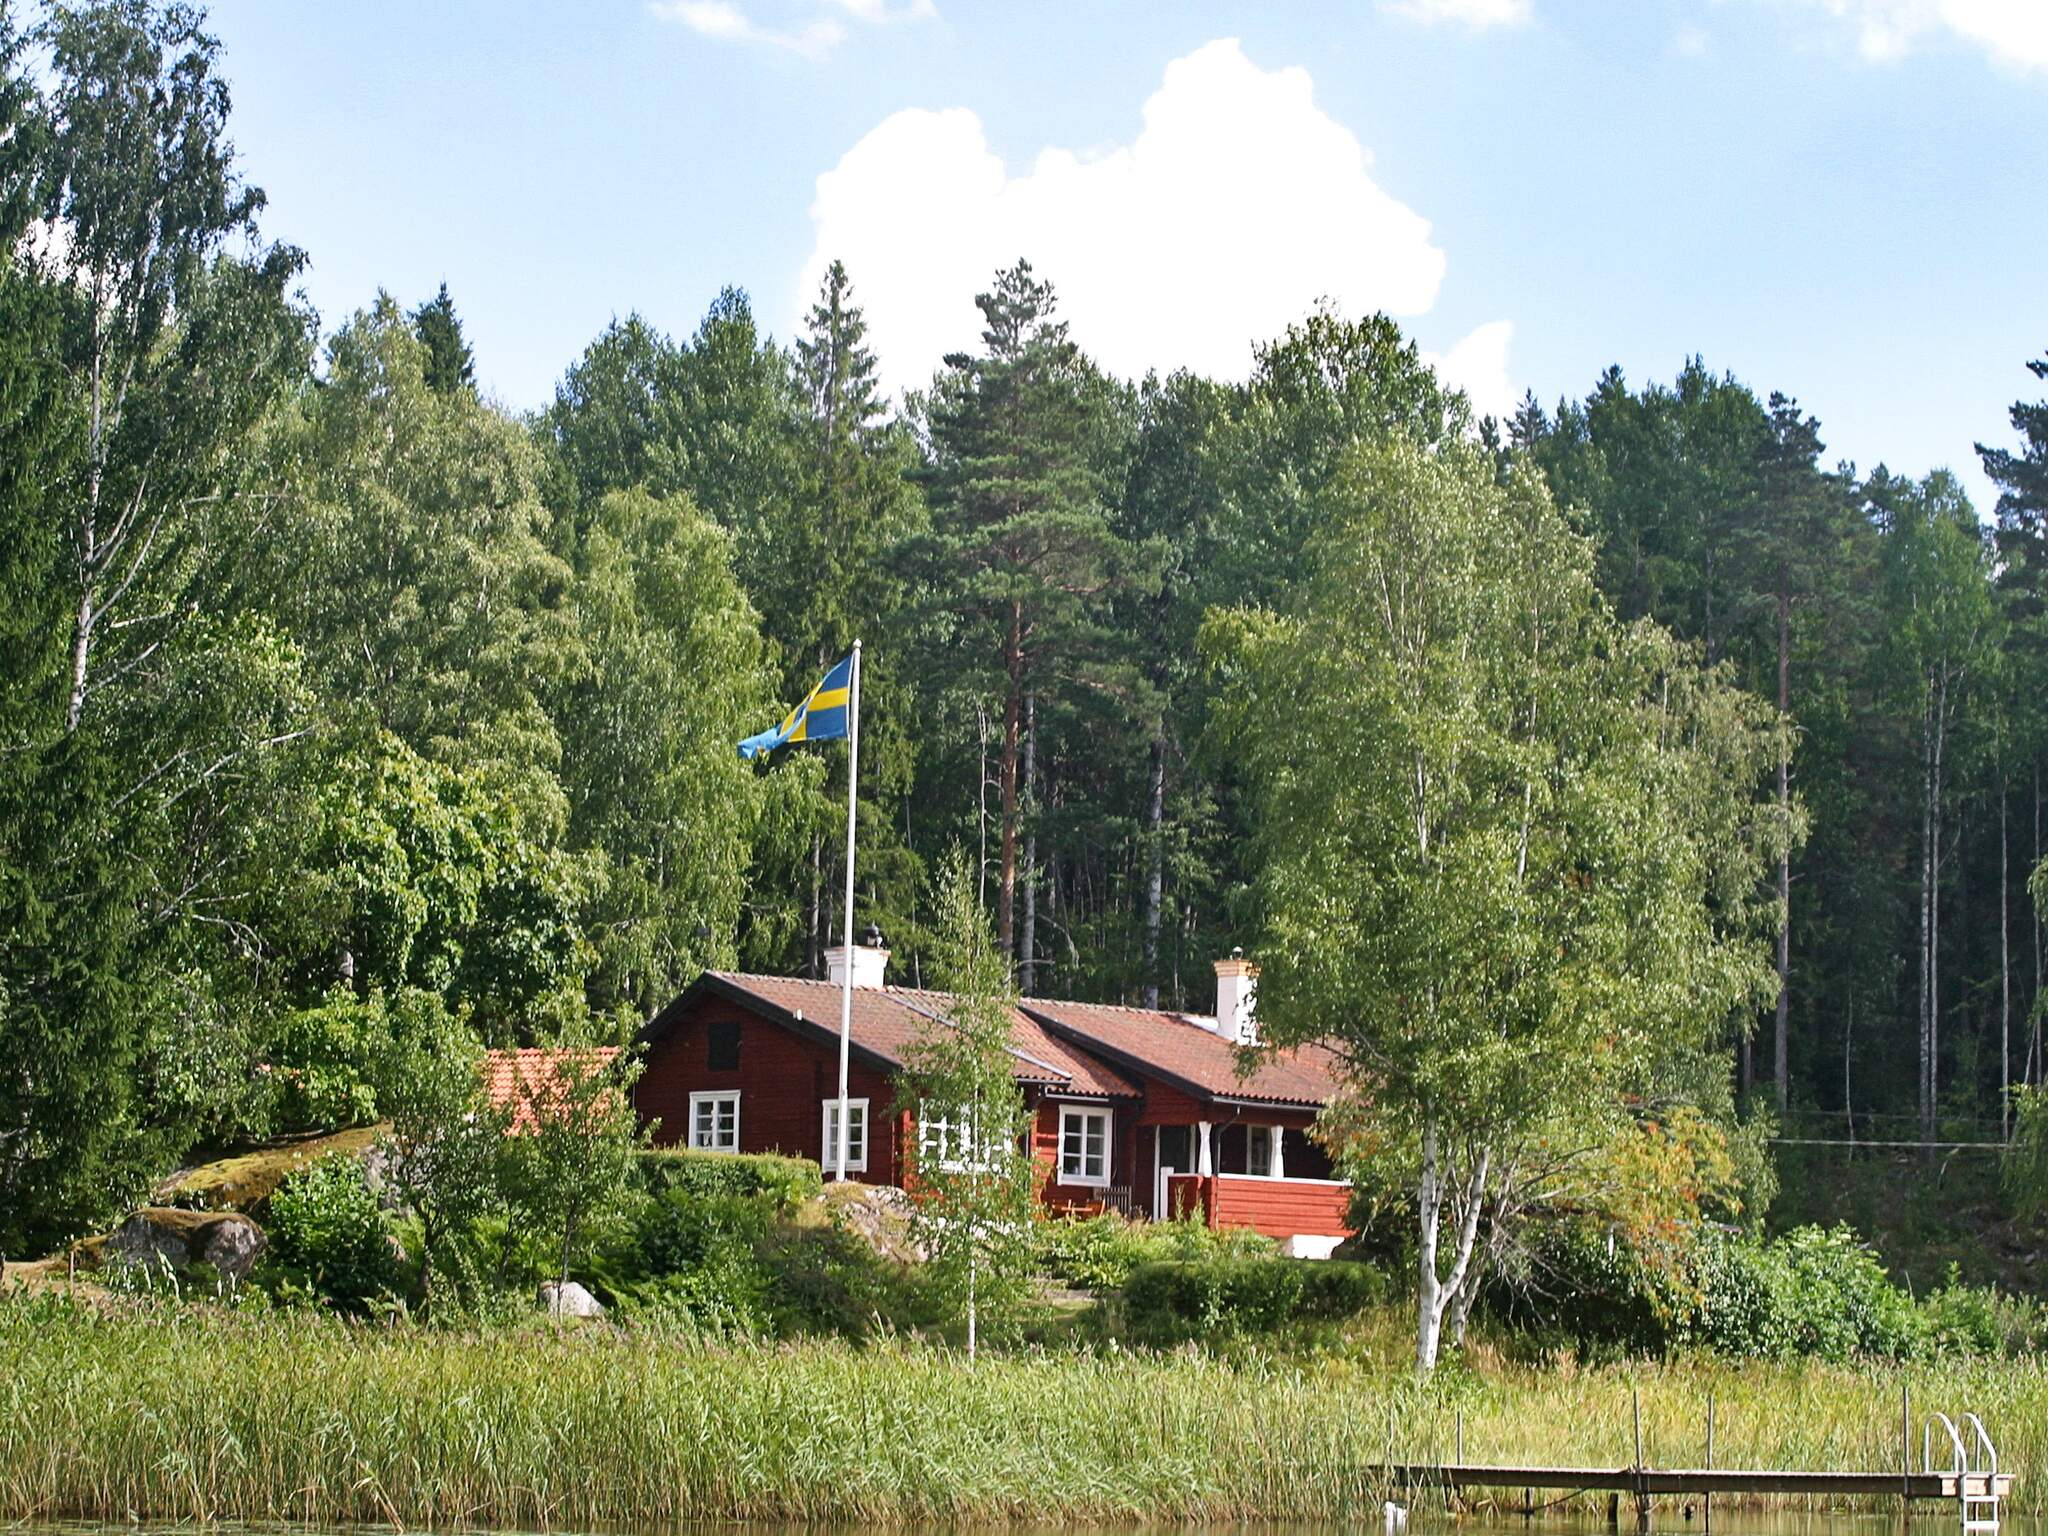 Ferienhaus Köping (953852), Köping, Västmanlands län, Mittelschweden, Schweden, Bild 19